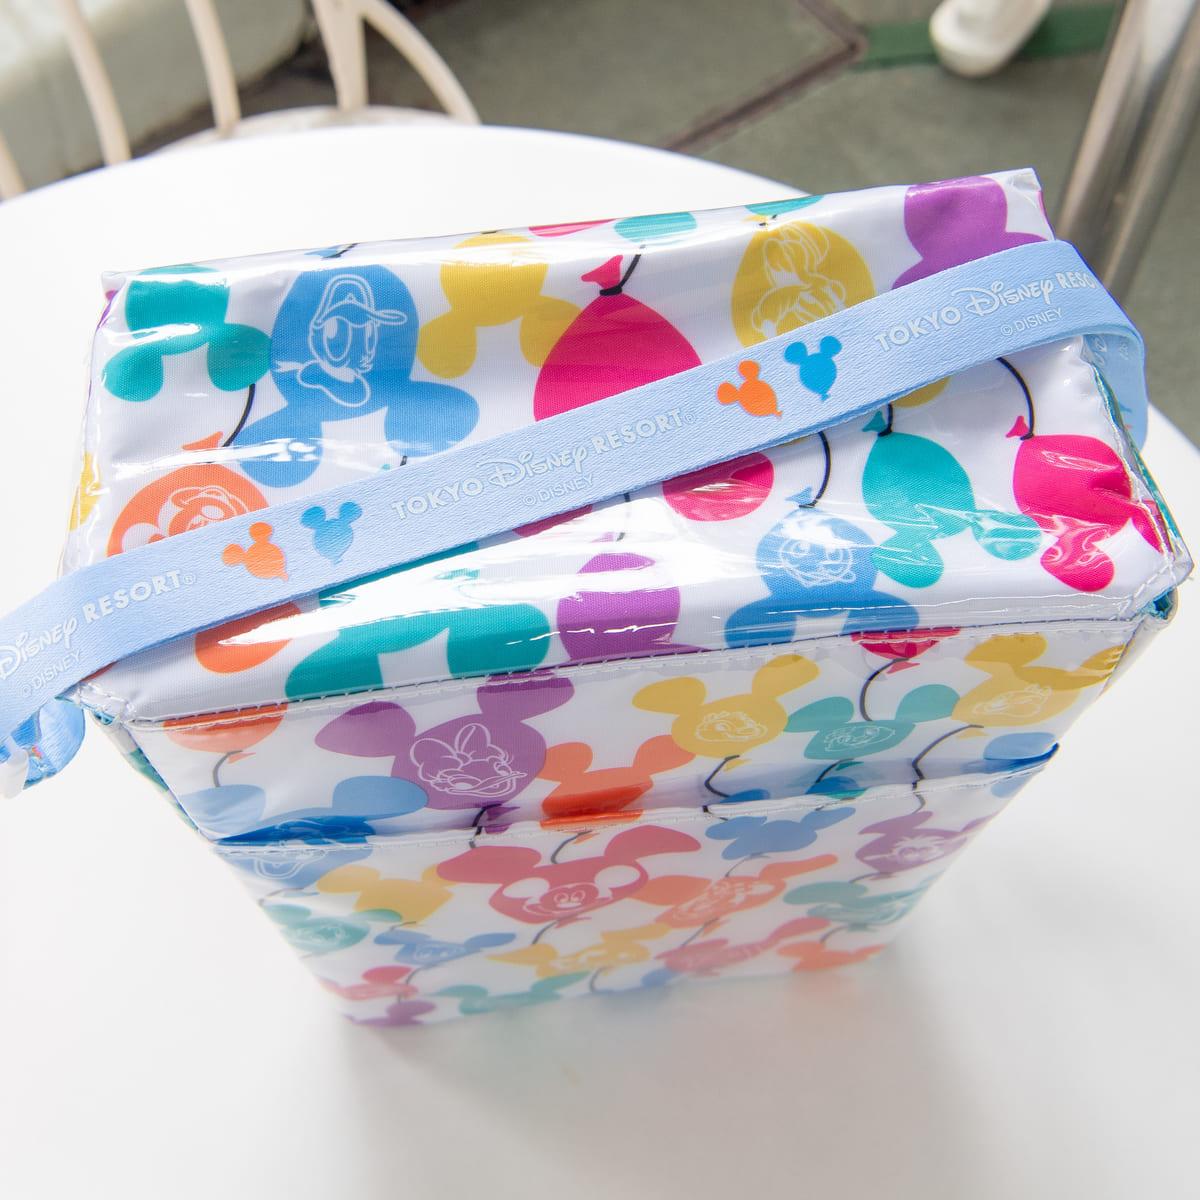 東京ディズニーリゾート「レギュラーボックス、スーベニアポップコーンケース付き」(ミッキーバルーン柄) ストラップ